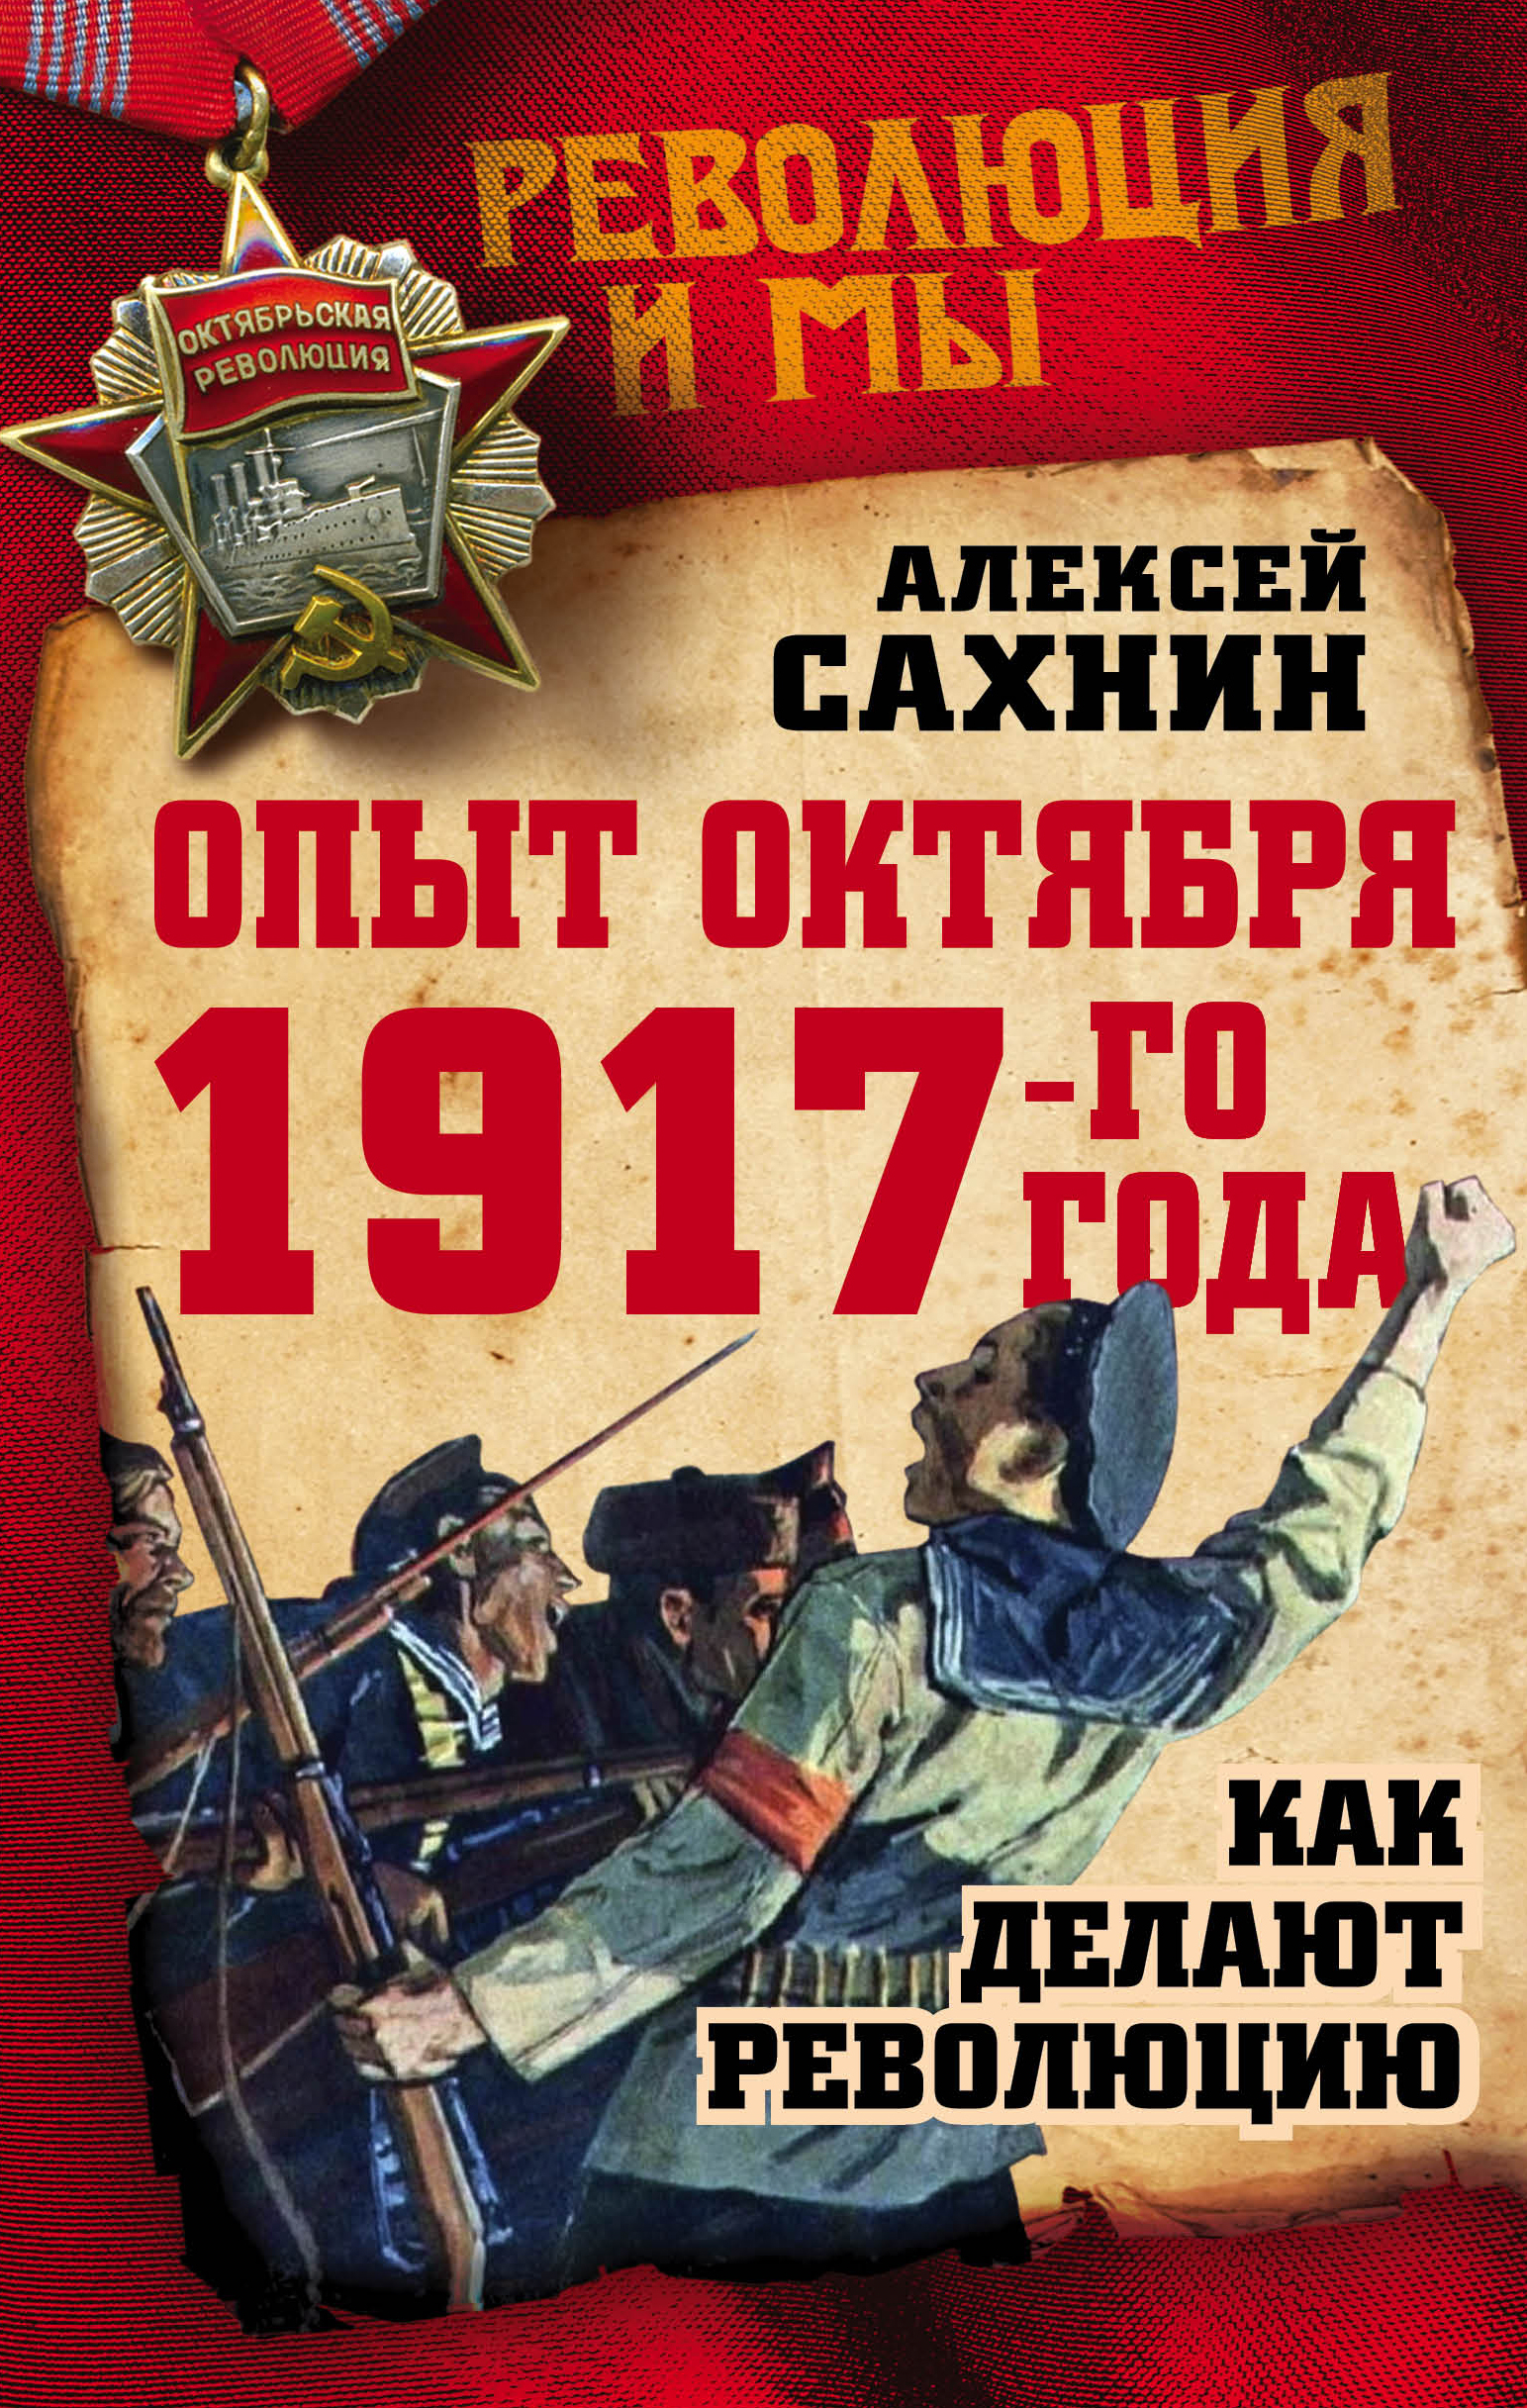 Алексей Сахнин Опыт Октября 1917-го года. Как делают революцию большевики 1917